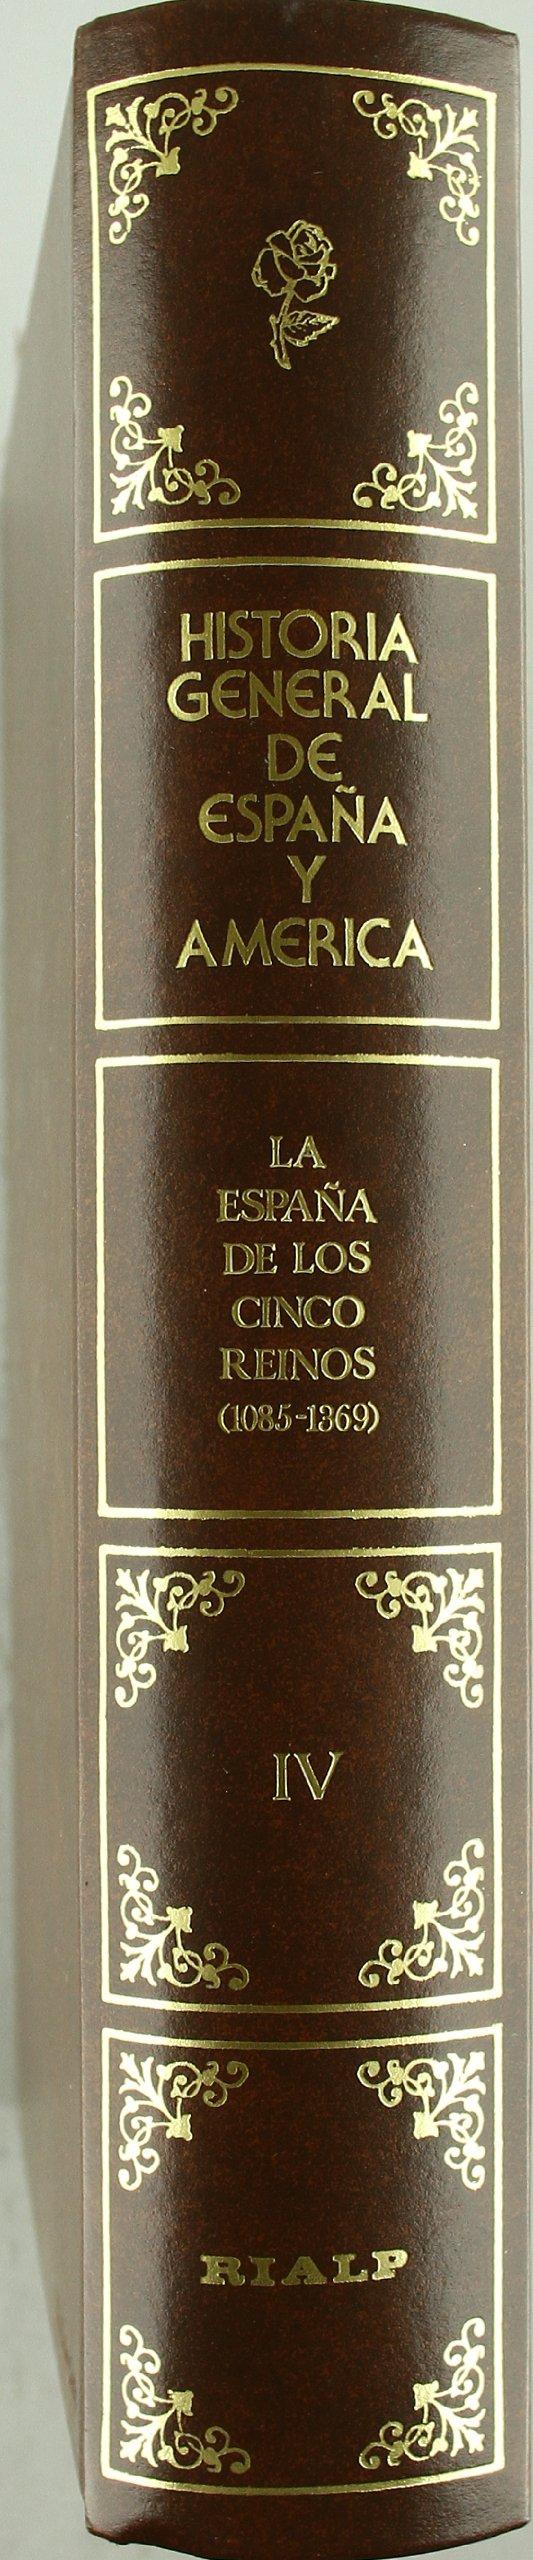 La España de los cinco reinos 1085-1369 . Tomo IV Hª General de España y América: Amazon.es: Moxo,Salvador De, Ladero,Miguel A.(Coord), Moxo,Salvador De, Ladero,Miguel A.(Coord): Libros